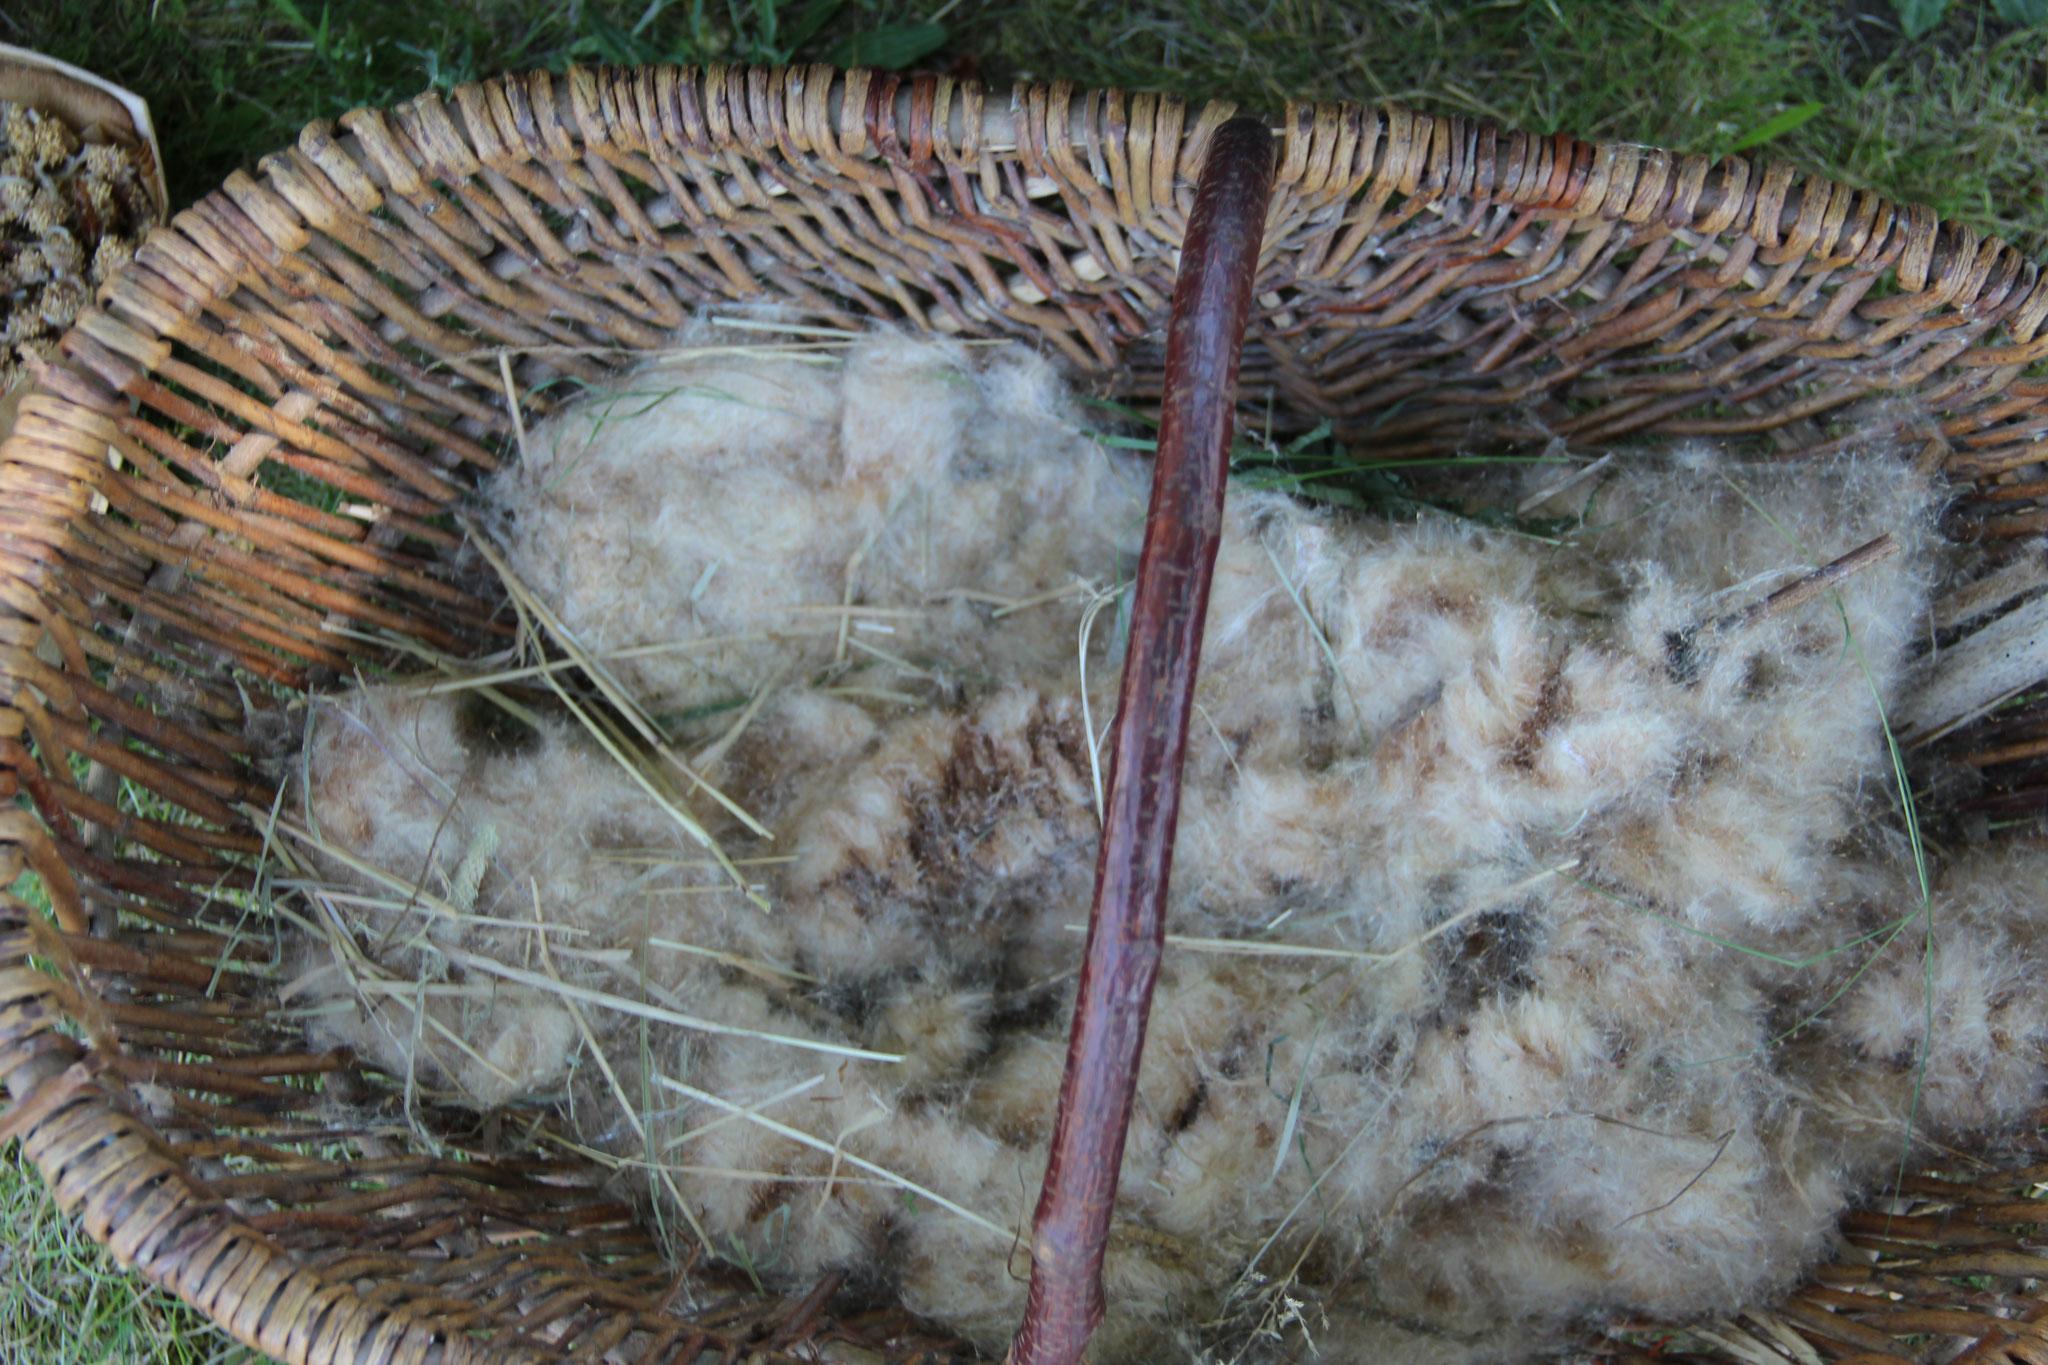 Unser Materialien: Samen vom Schilf - sieht aus wie Wolle